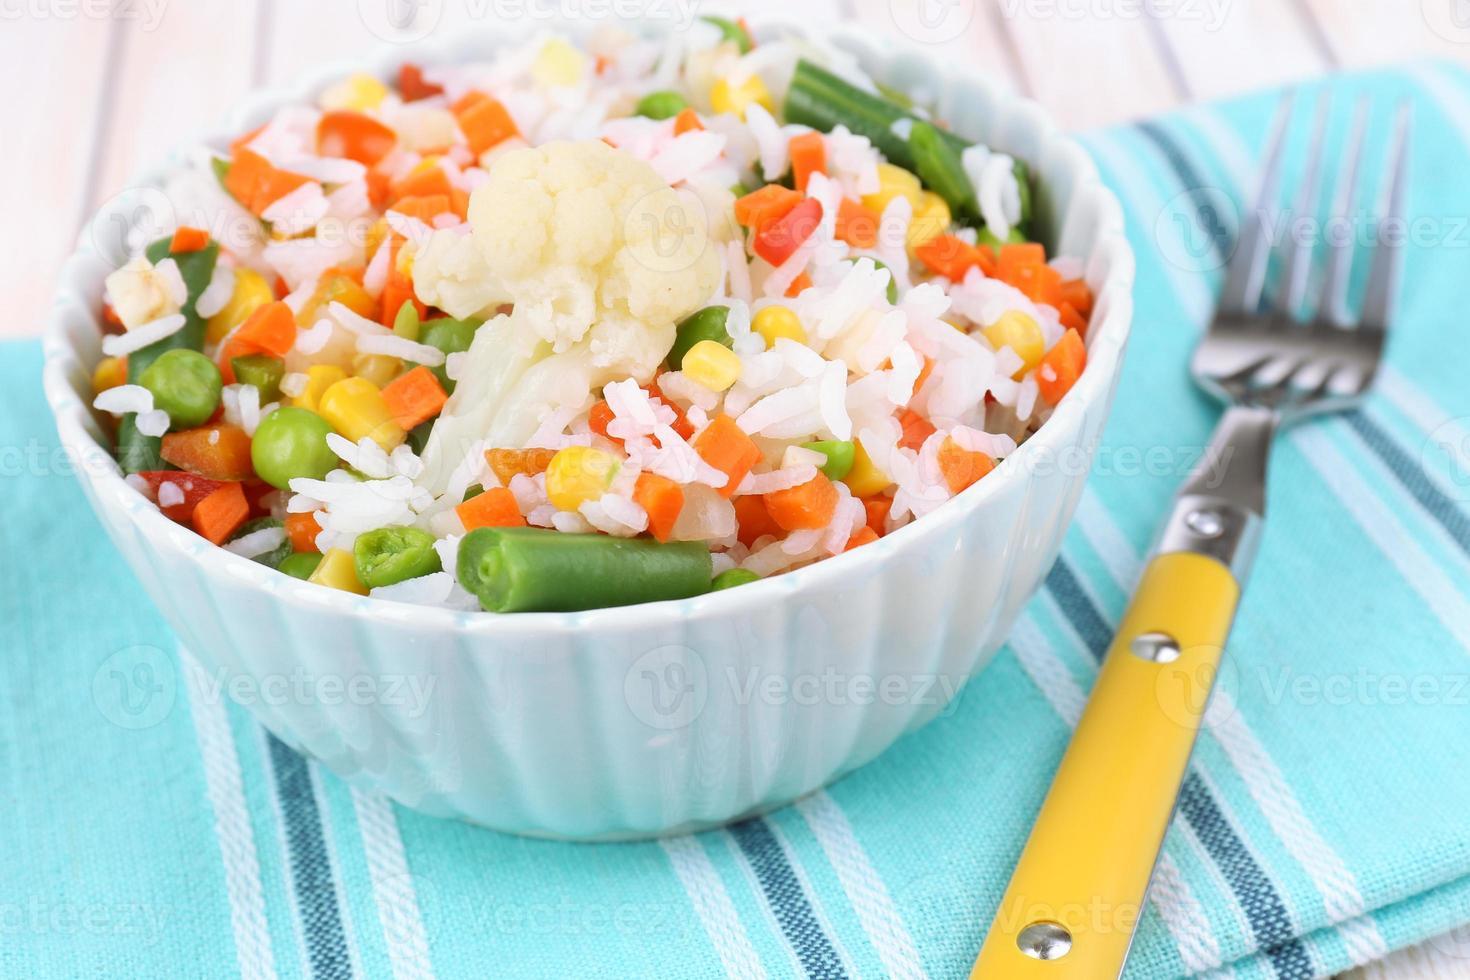 arroz cocido con verduras en la mesa de madera de cerca foto